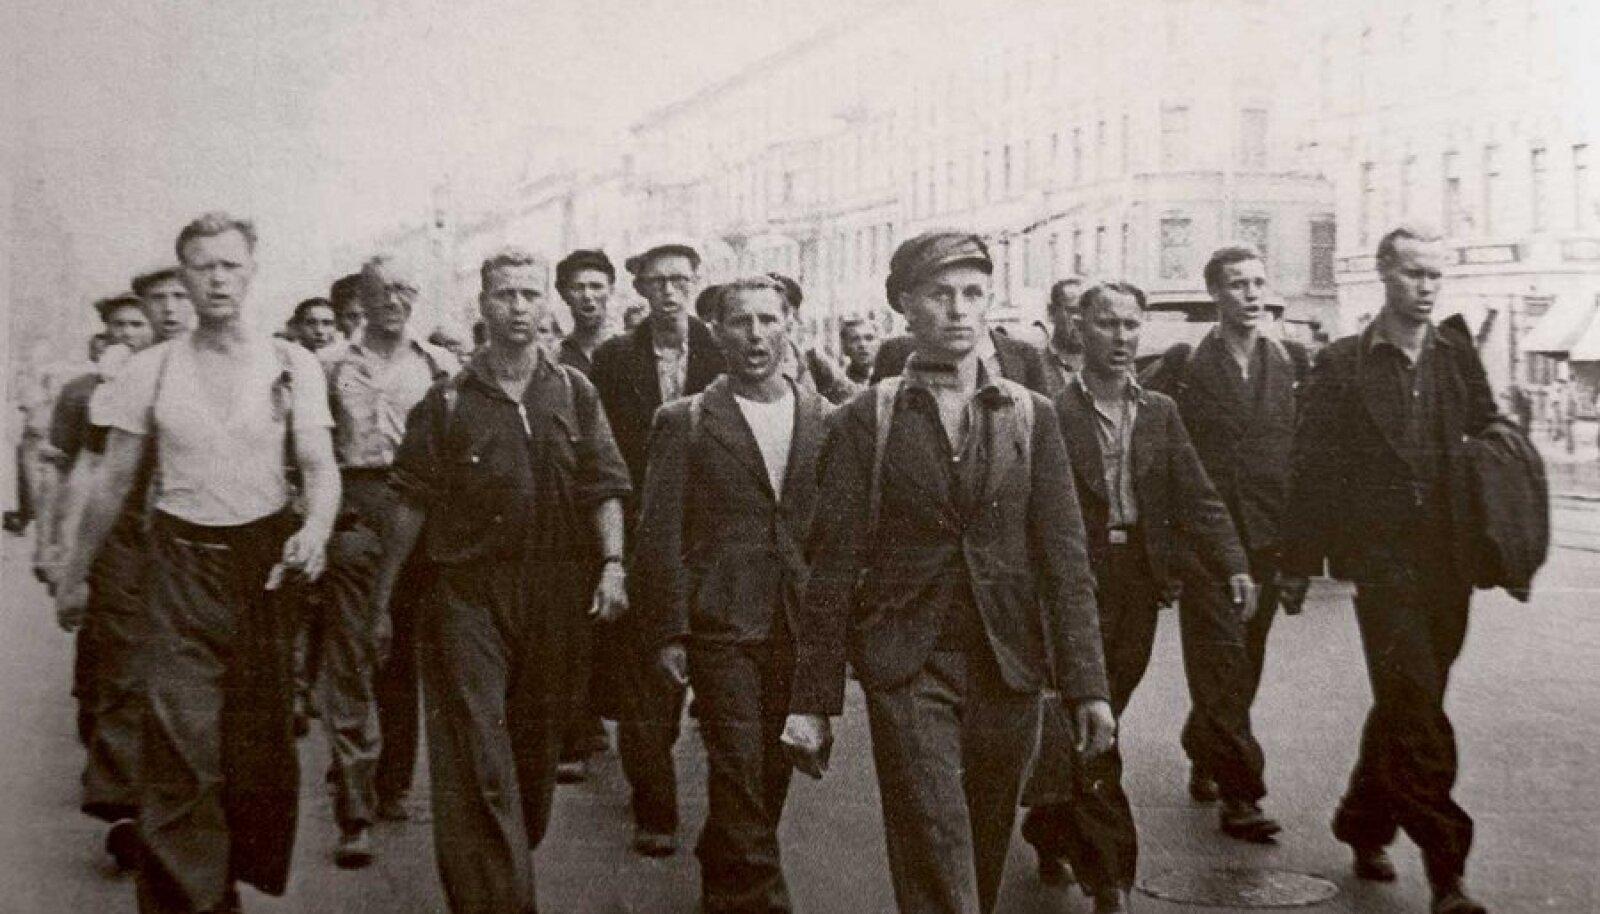 Surmalaagritesse: Sõtta mobiliseeritud eestlased sammumas Leningradi tänavatel. Need suveriietes mehed saadeti rinde asemel kaugele itta metsa langetama. Hukkus iga kolmas.